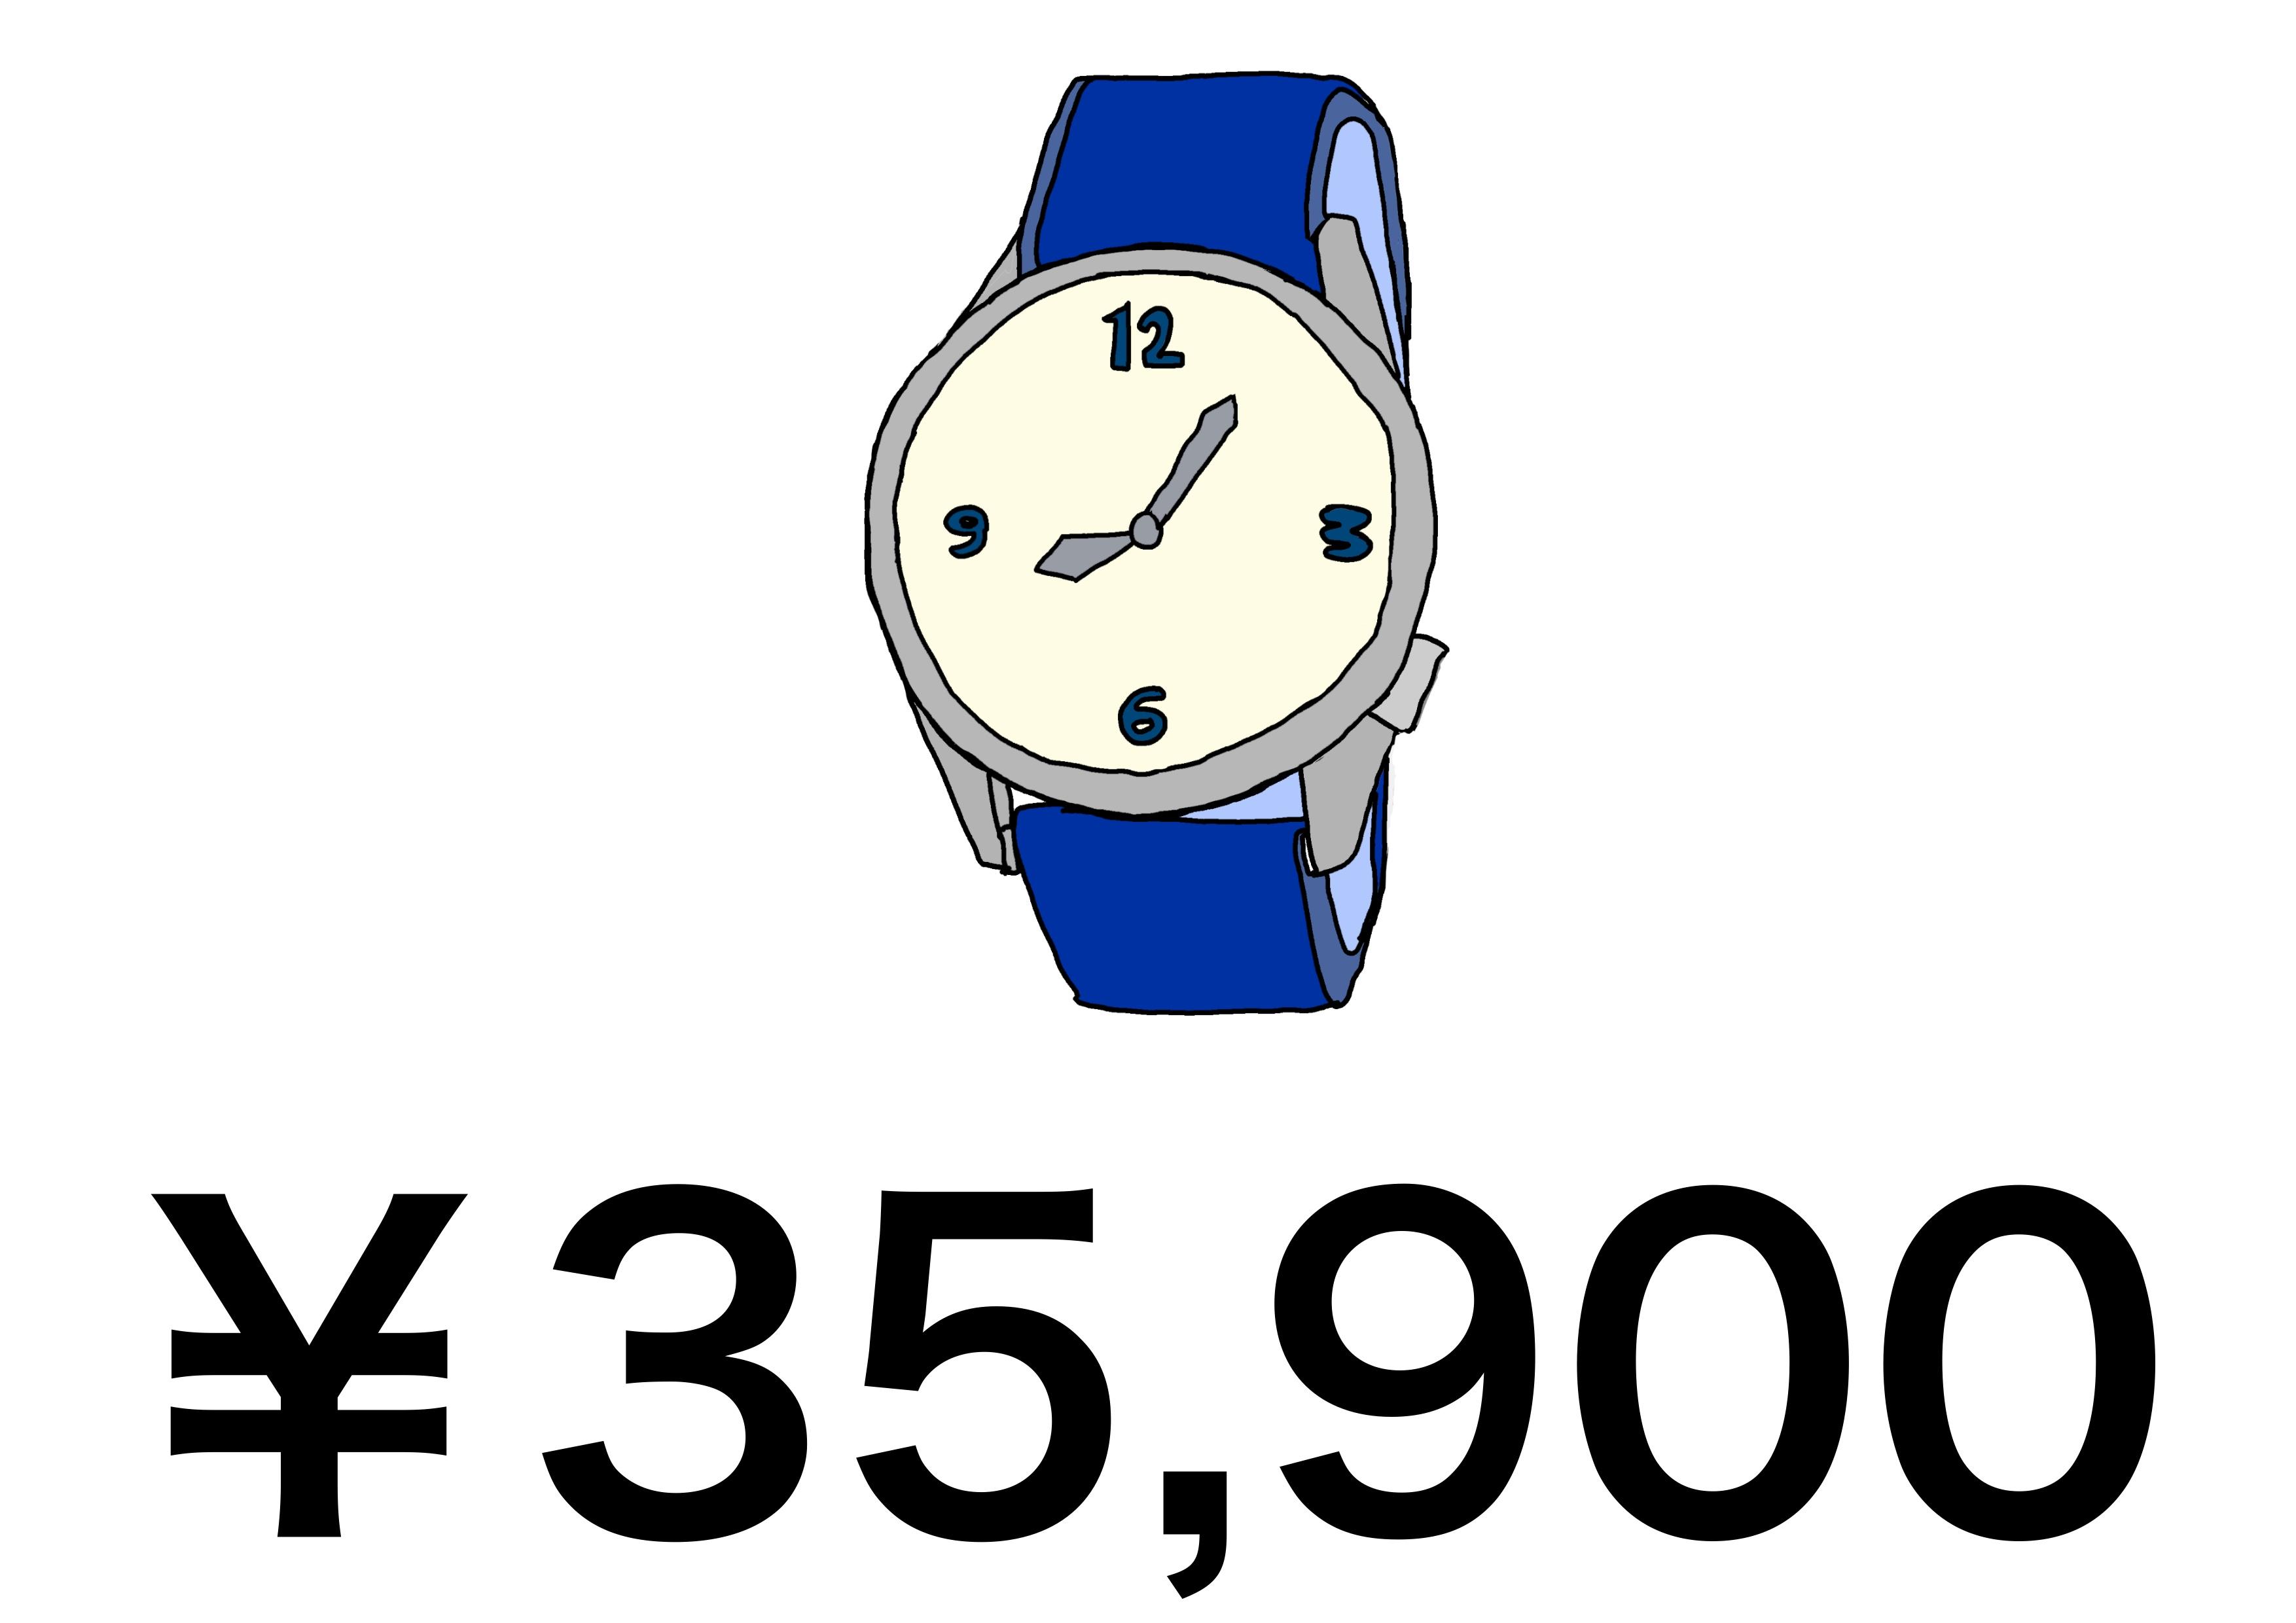 3課イラスト【時計の値段】